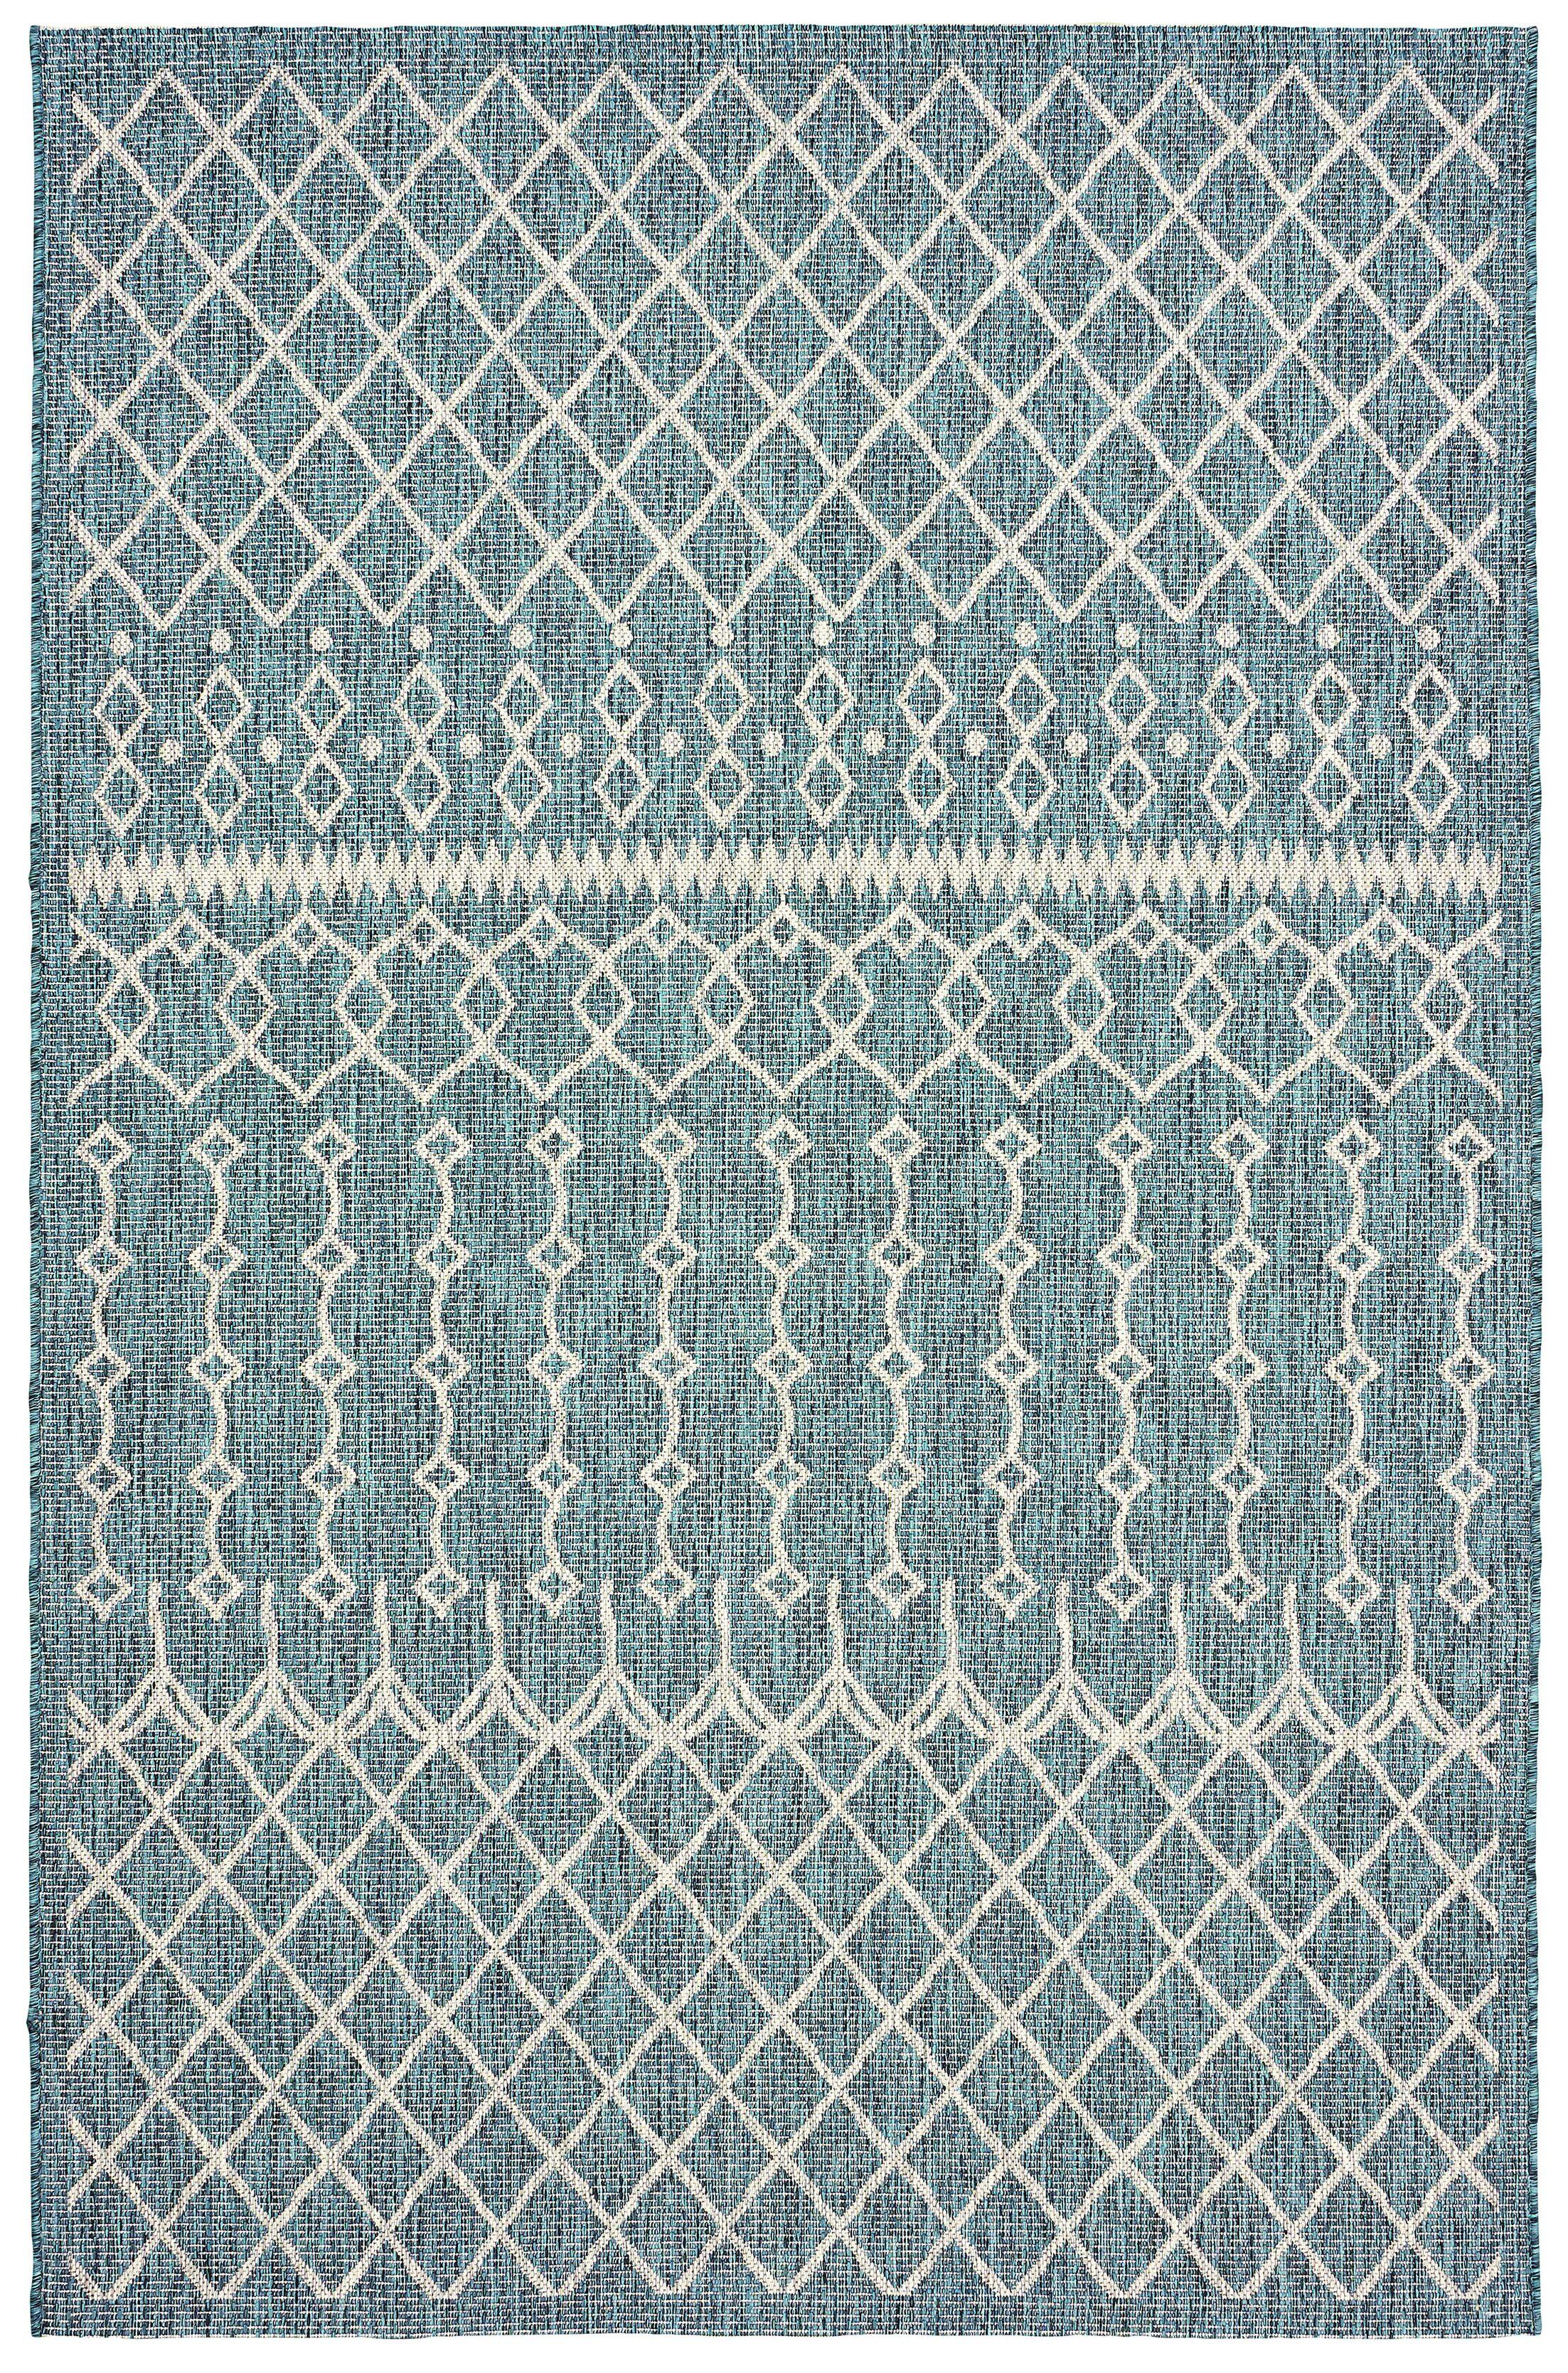 Dilip Blue Indoor/Outdoor Area Rug Rug Size: 8' x 10'